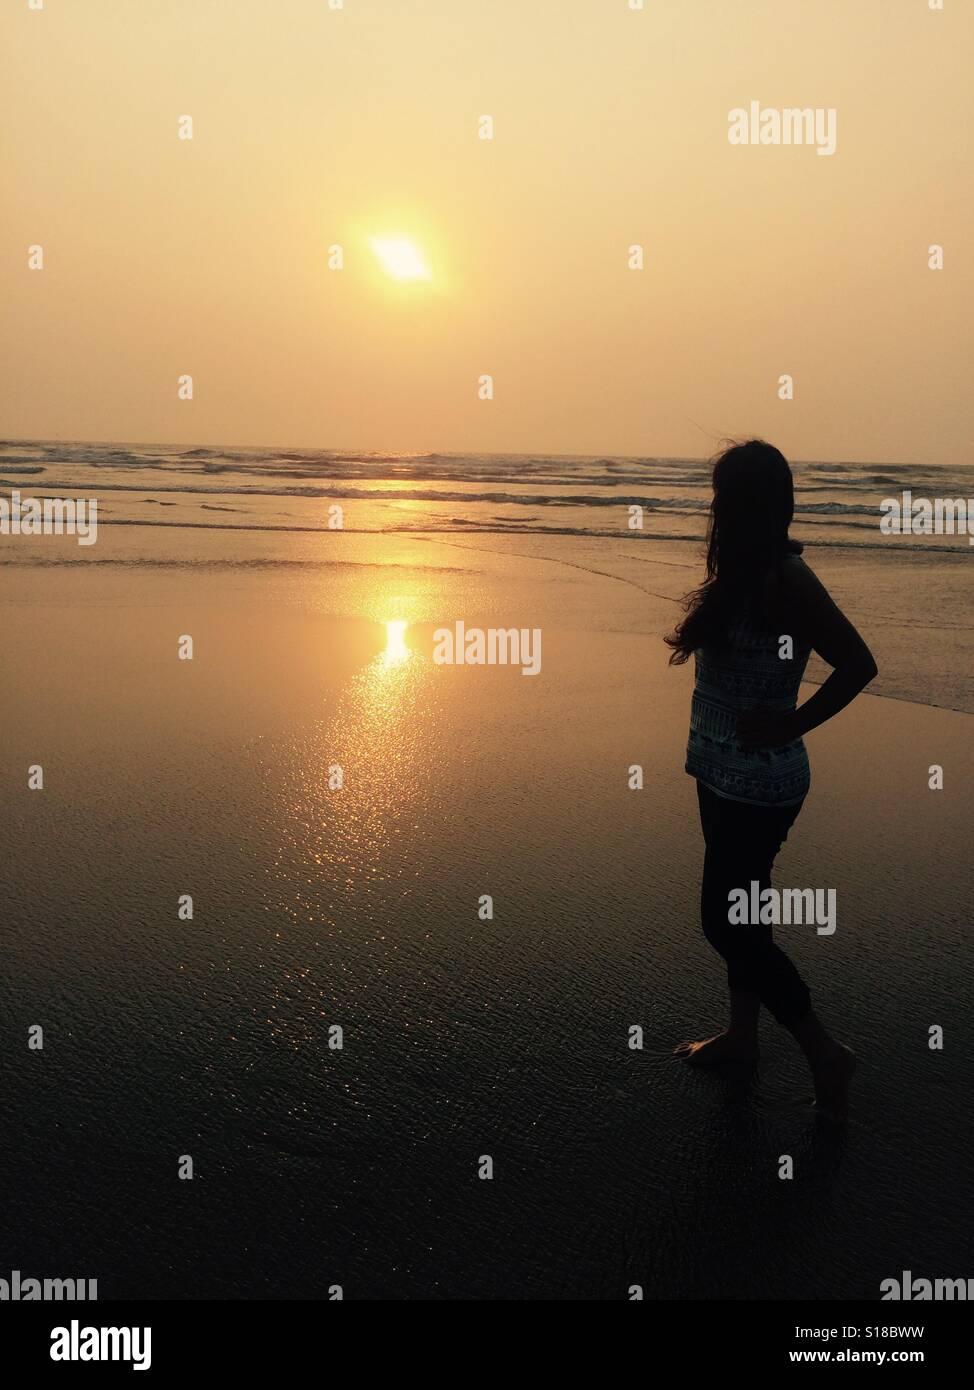 Sonnenuntergänge sind immer magisch - sie machen immer fühlen Sie sich glücklich und traurig beide Stockbild